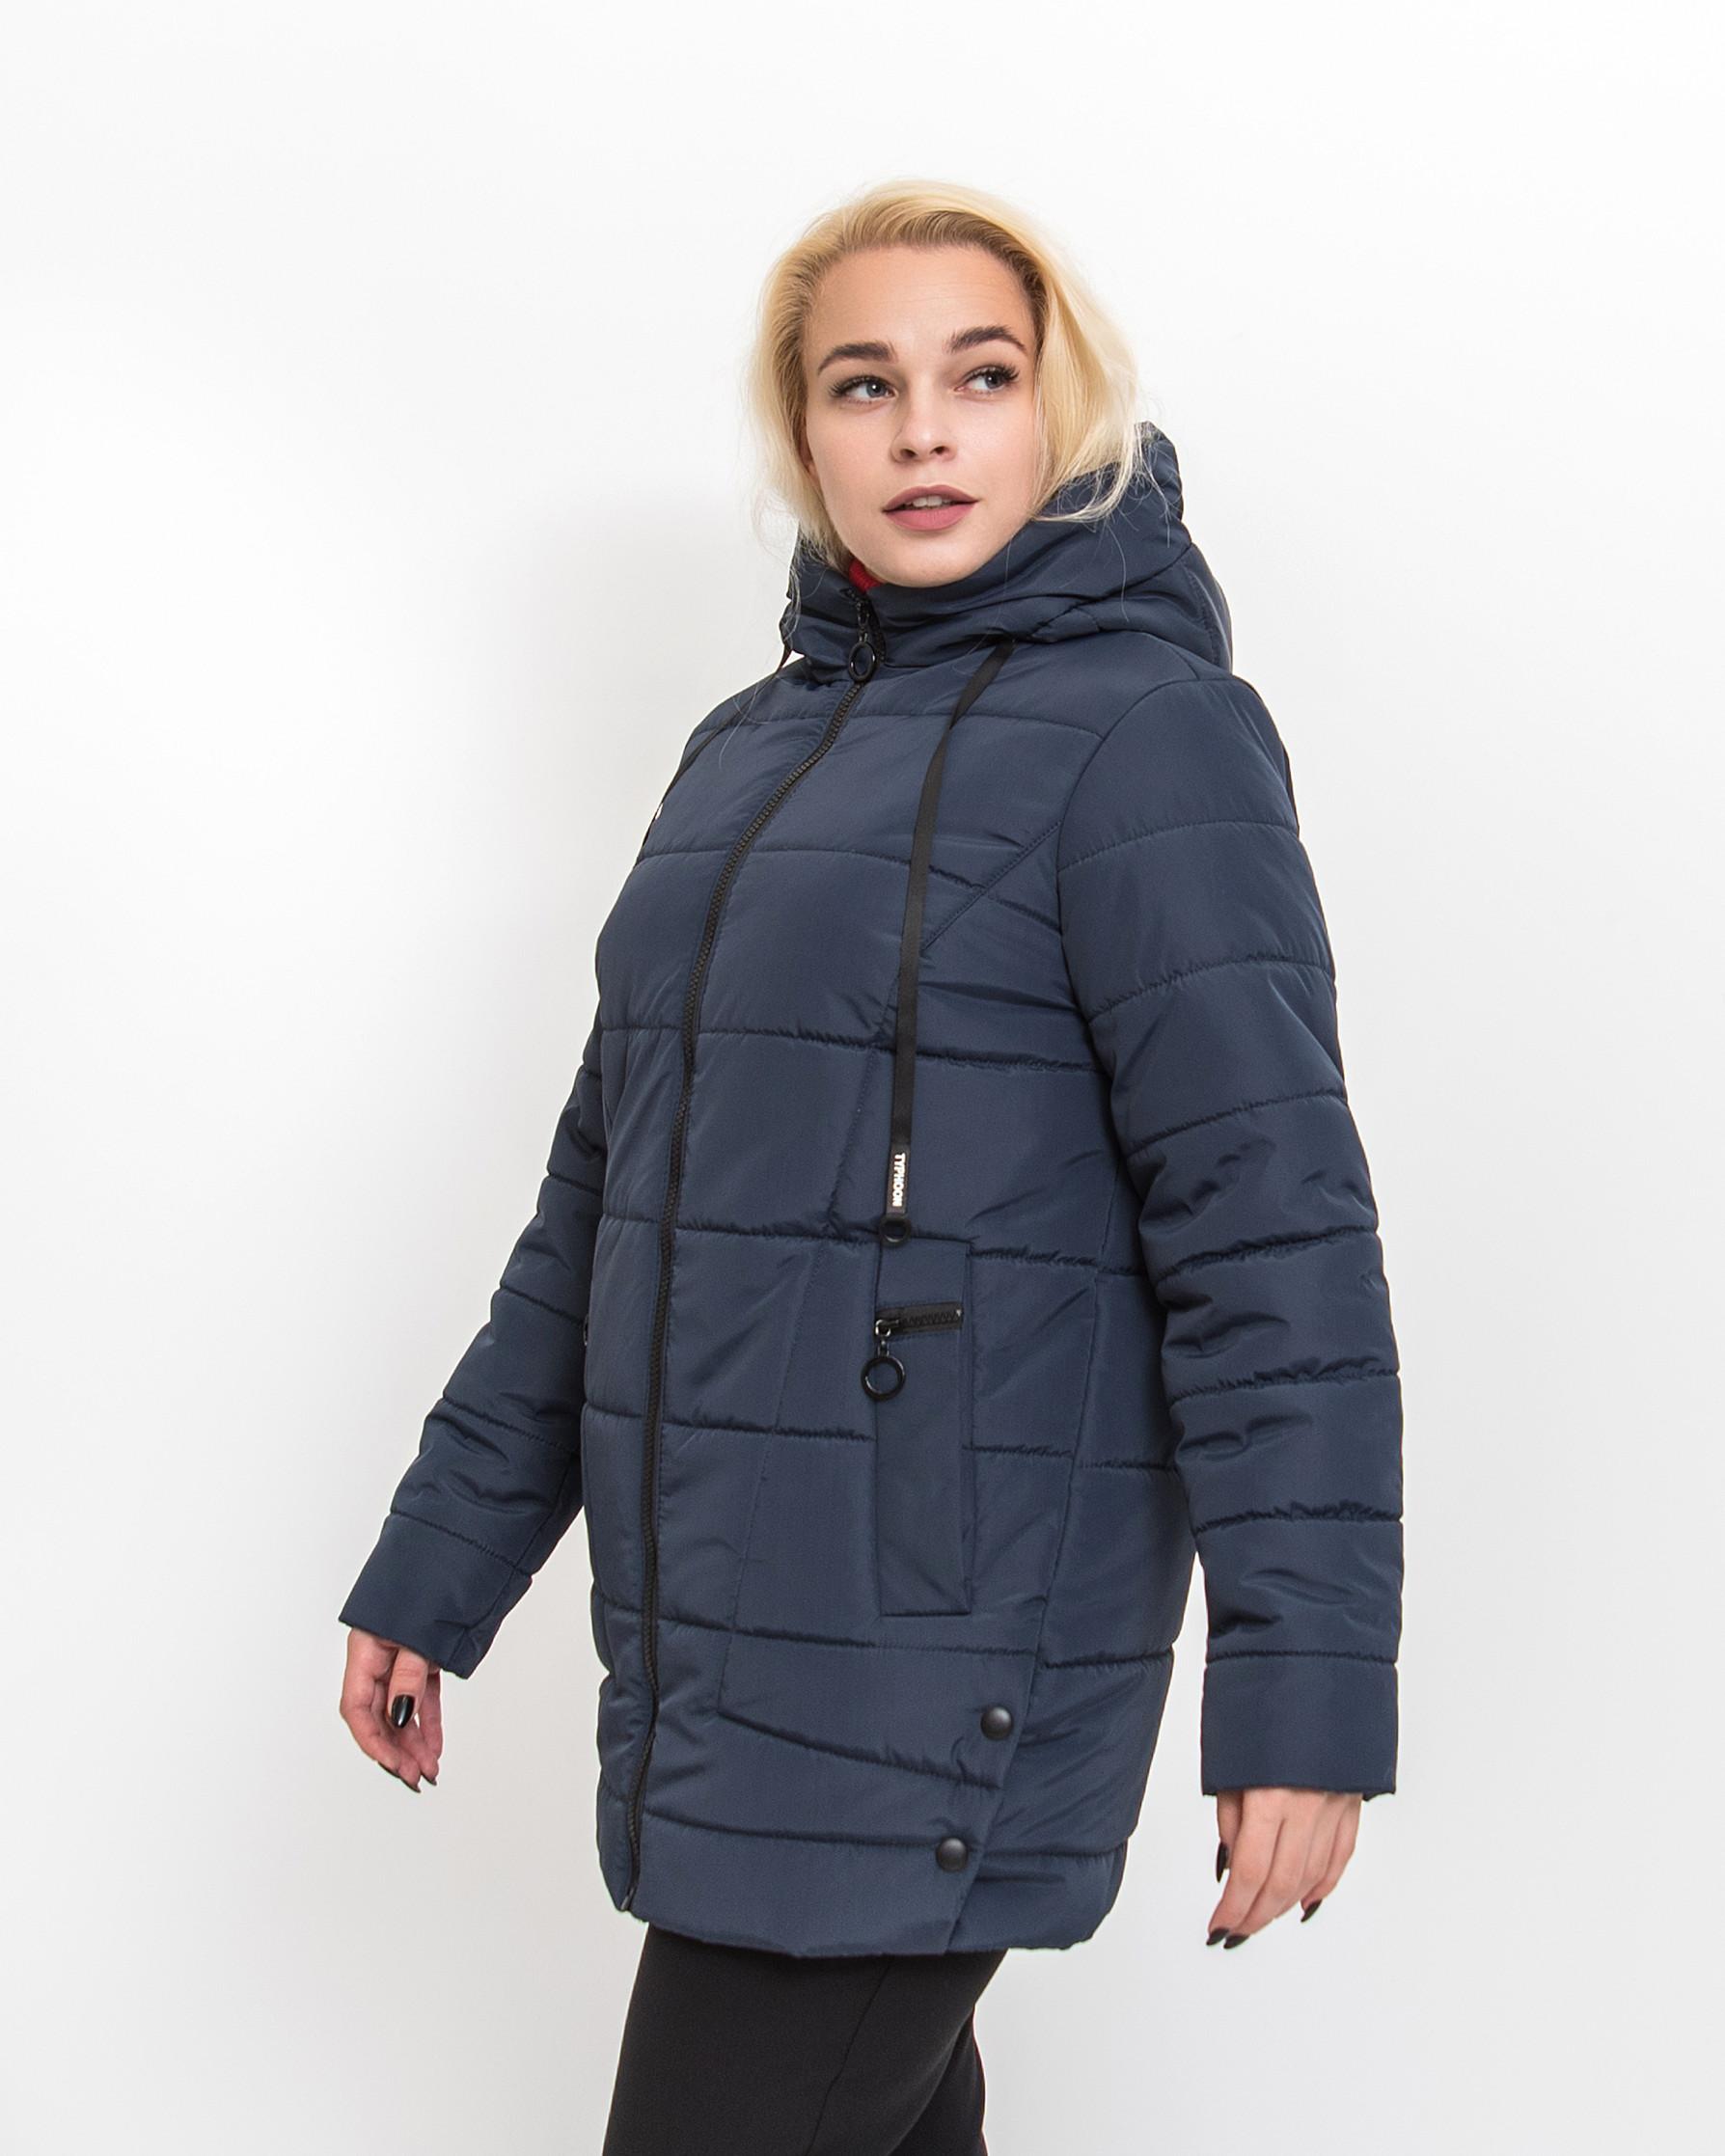 Демисезонная женская куртка Альма синего цвета